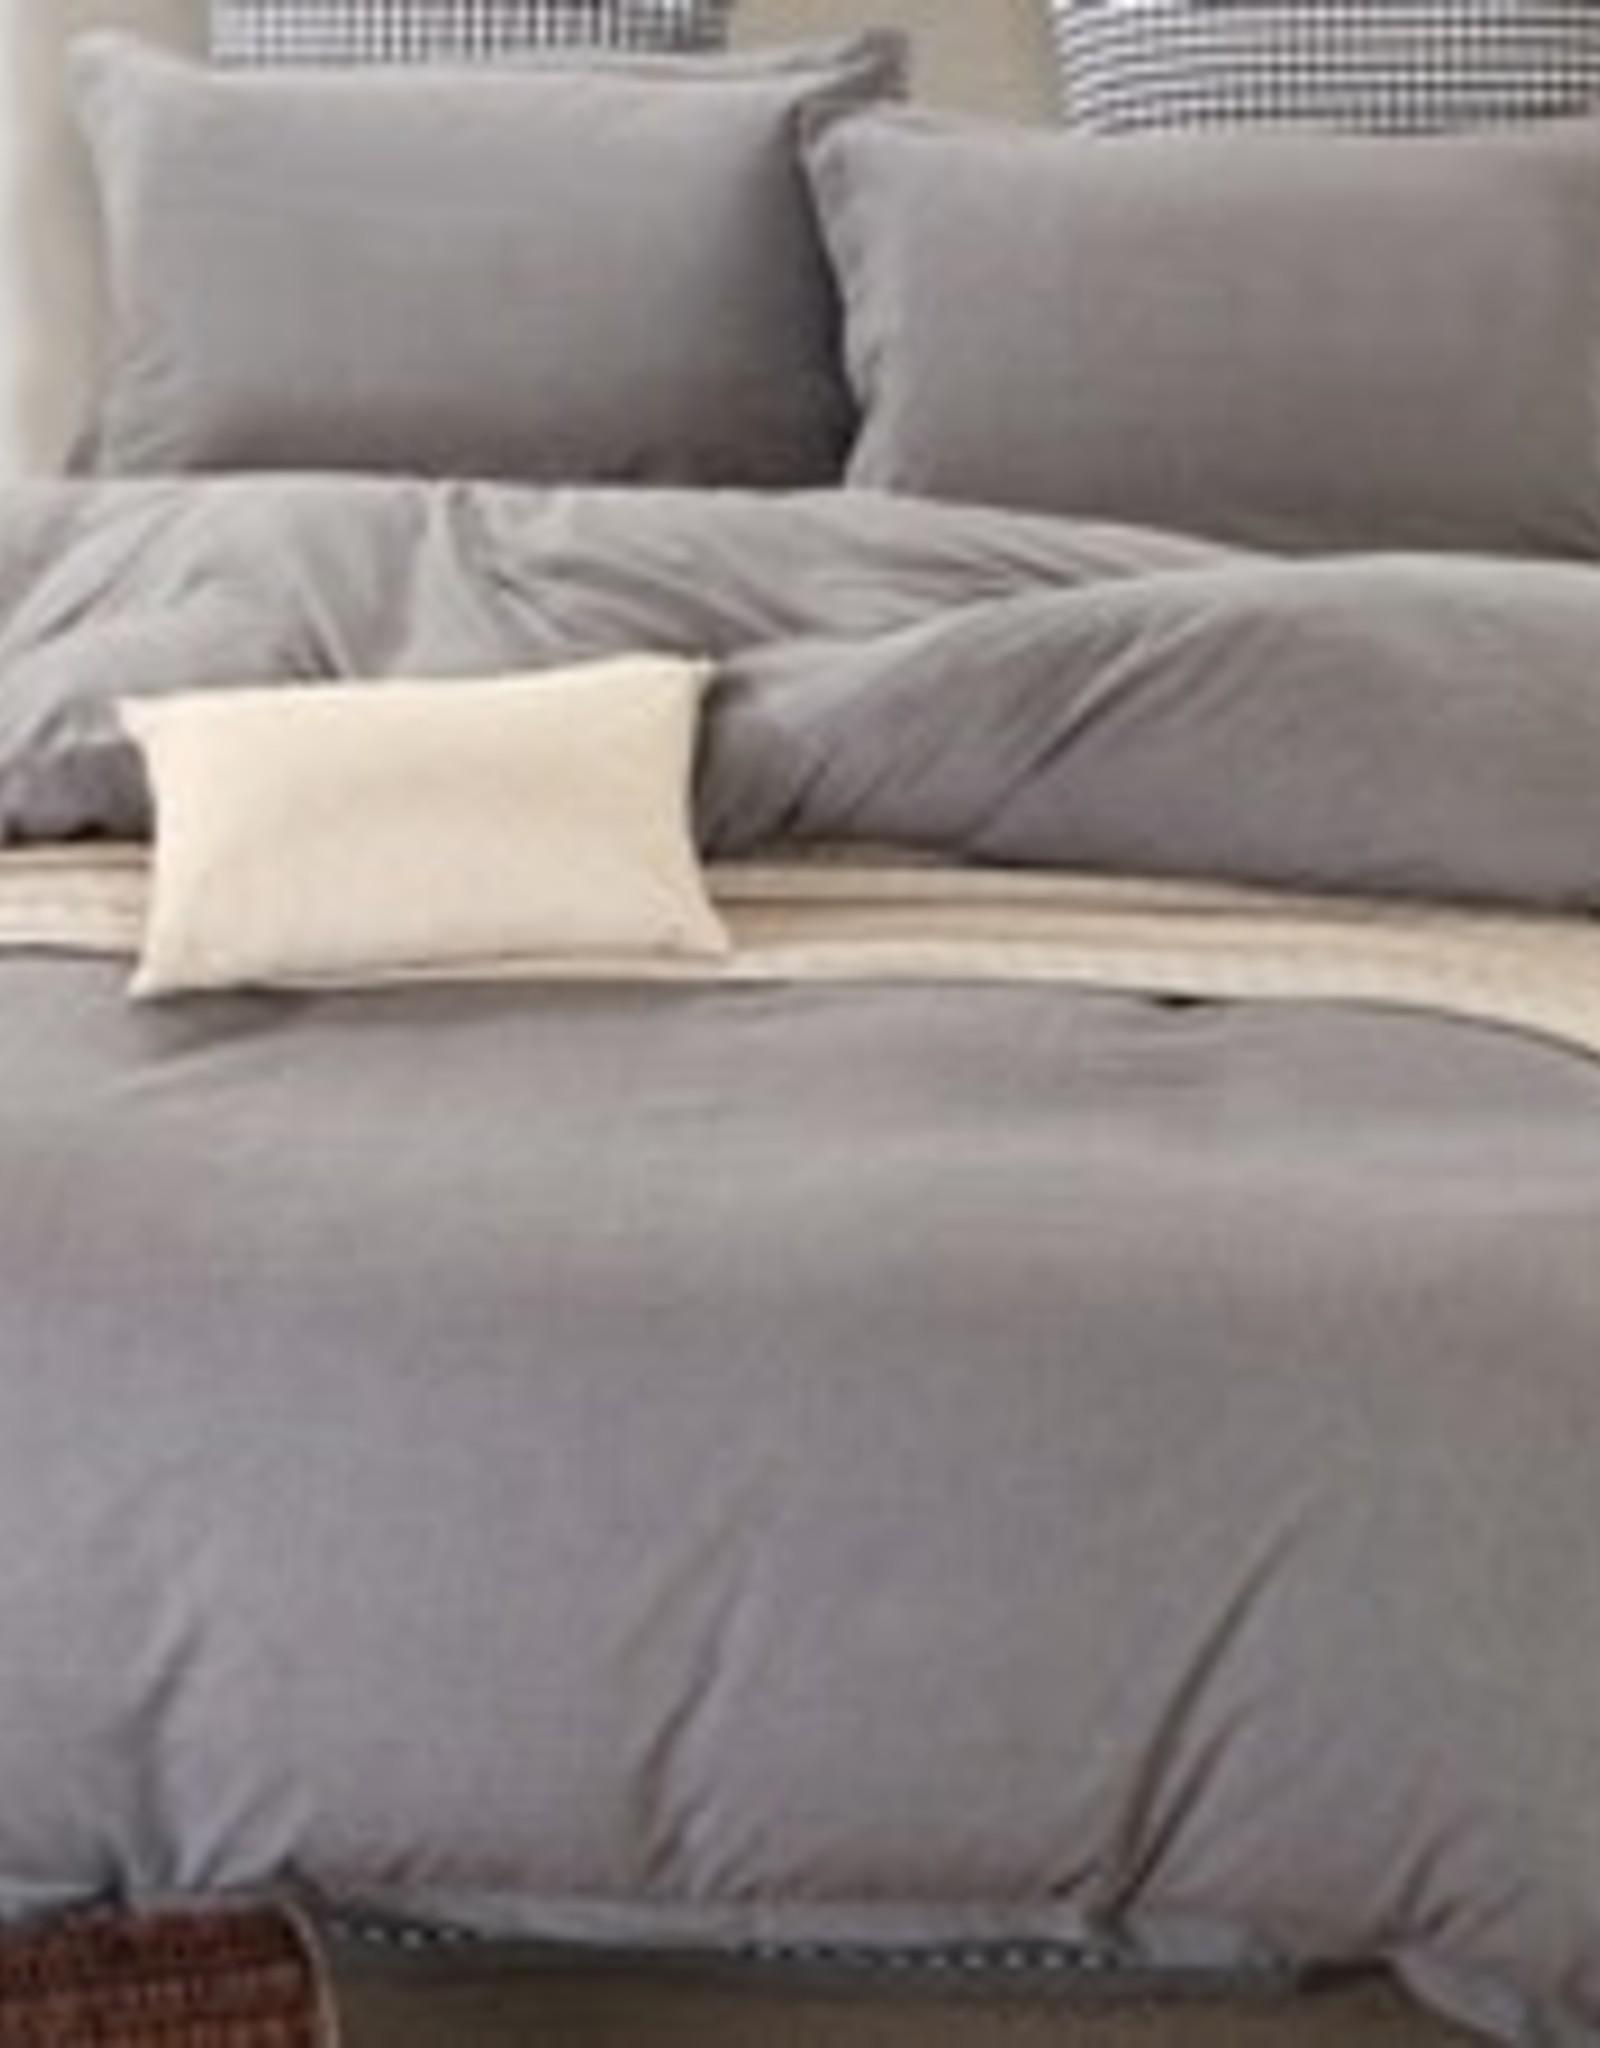 Daniadown Duvet Set Daniadown Grey Chambray Queen w/ Pillow Cases